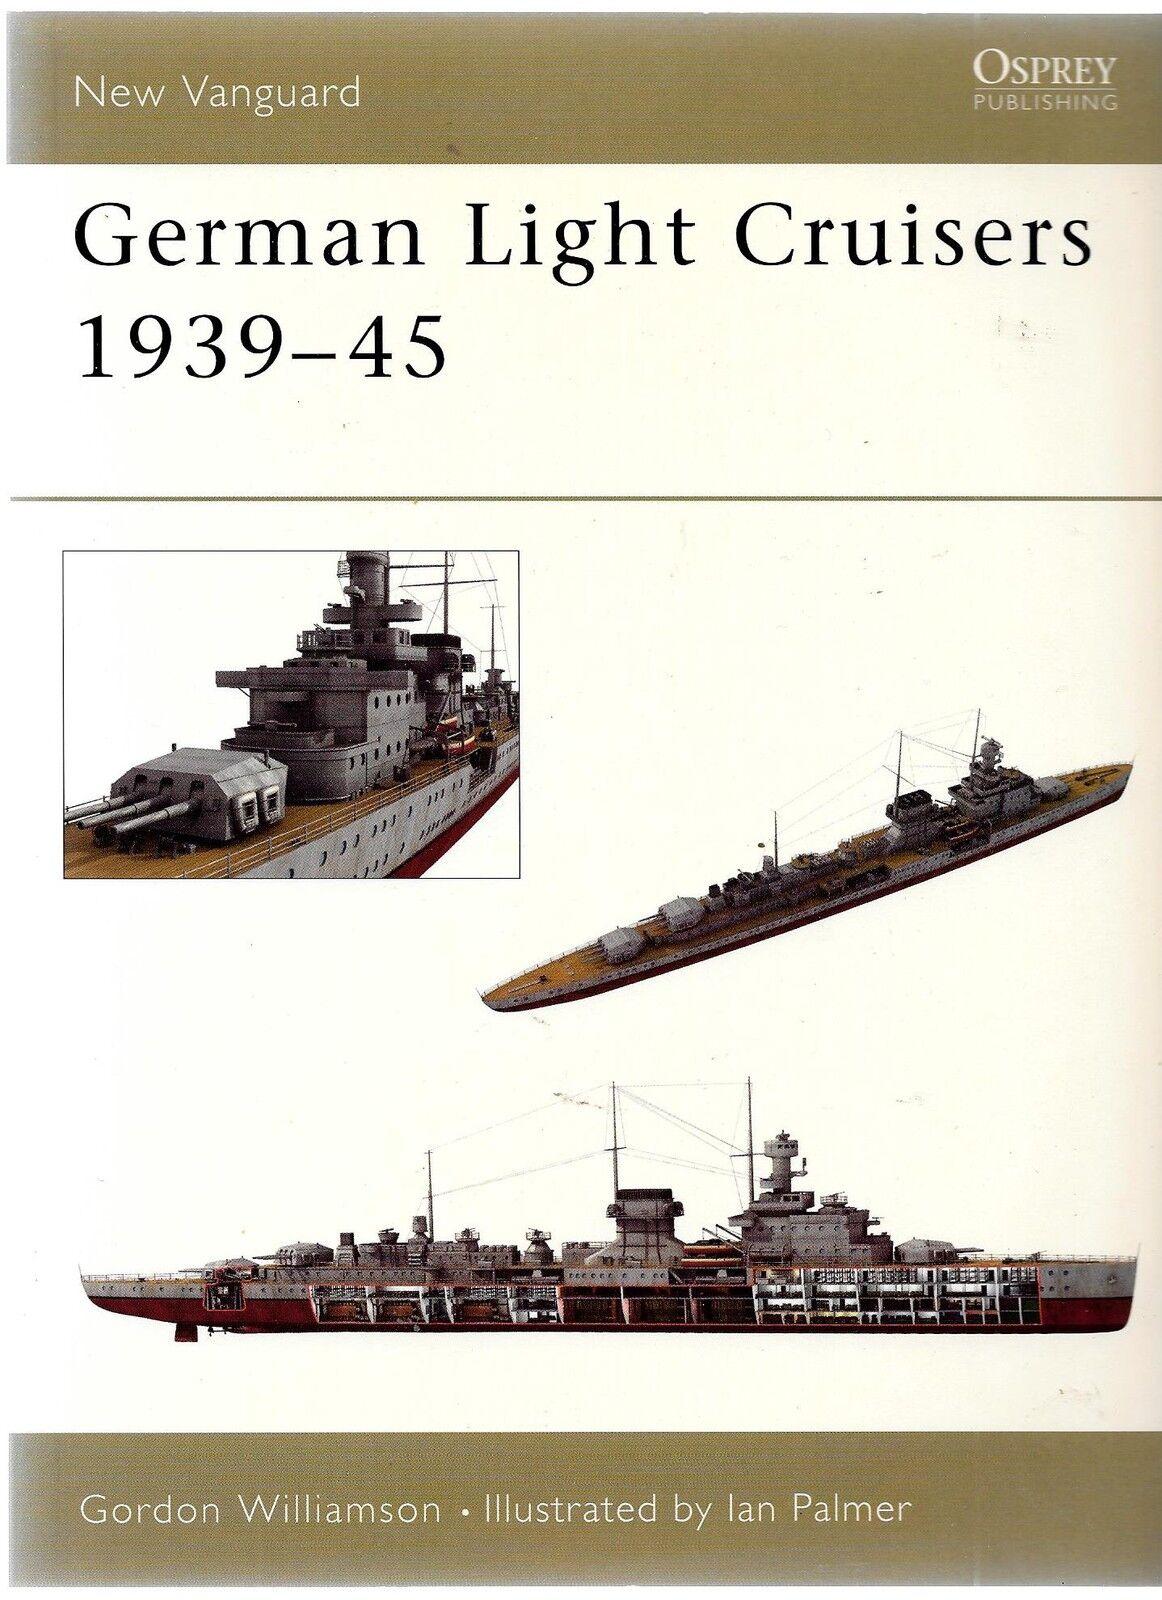 Osprey Vanguard 84 , Alemán Luz Cruisers 1939-45, Tapa Tapa Tapa Blanda Referencia  autorización